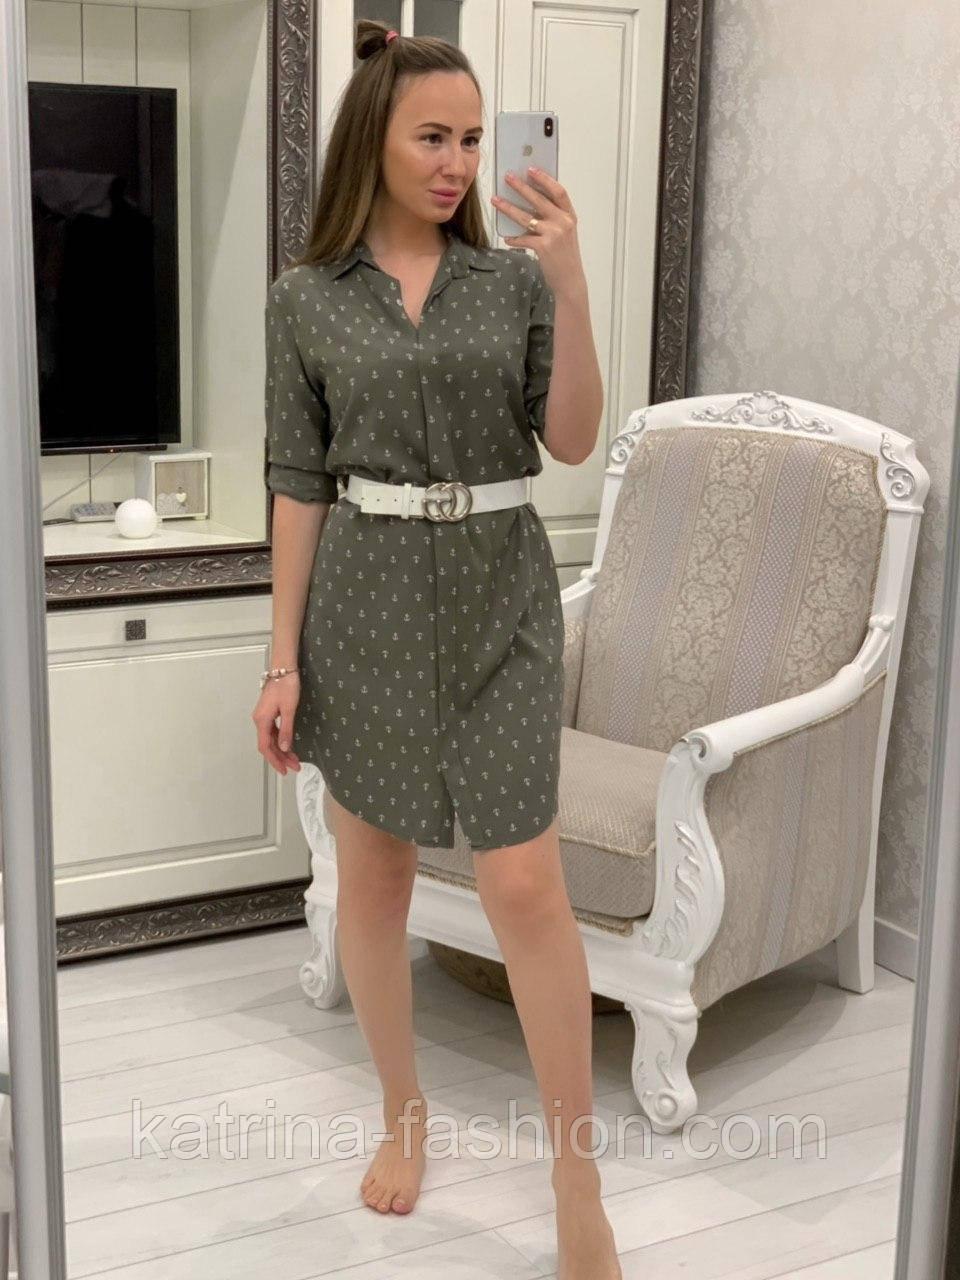 Женское хлопковое платье-рубашка с якорями (2 цвета), размеры 42-48